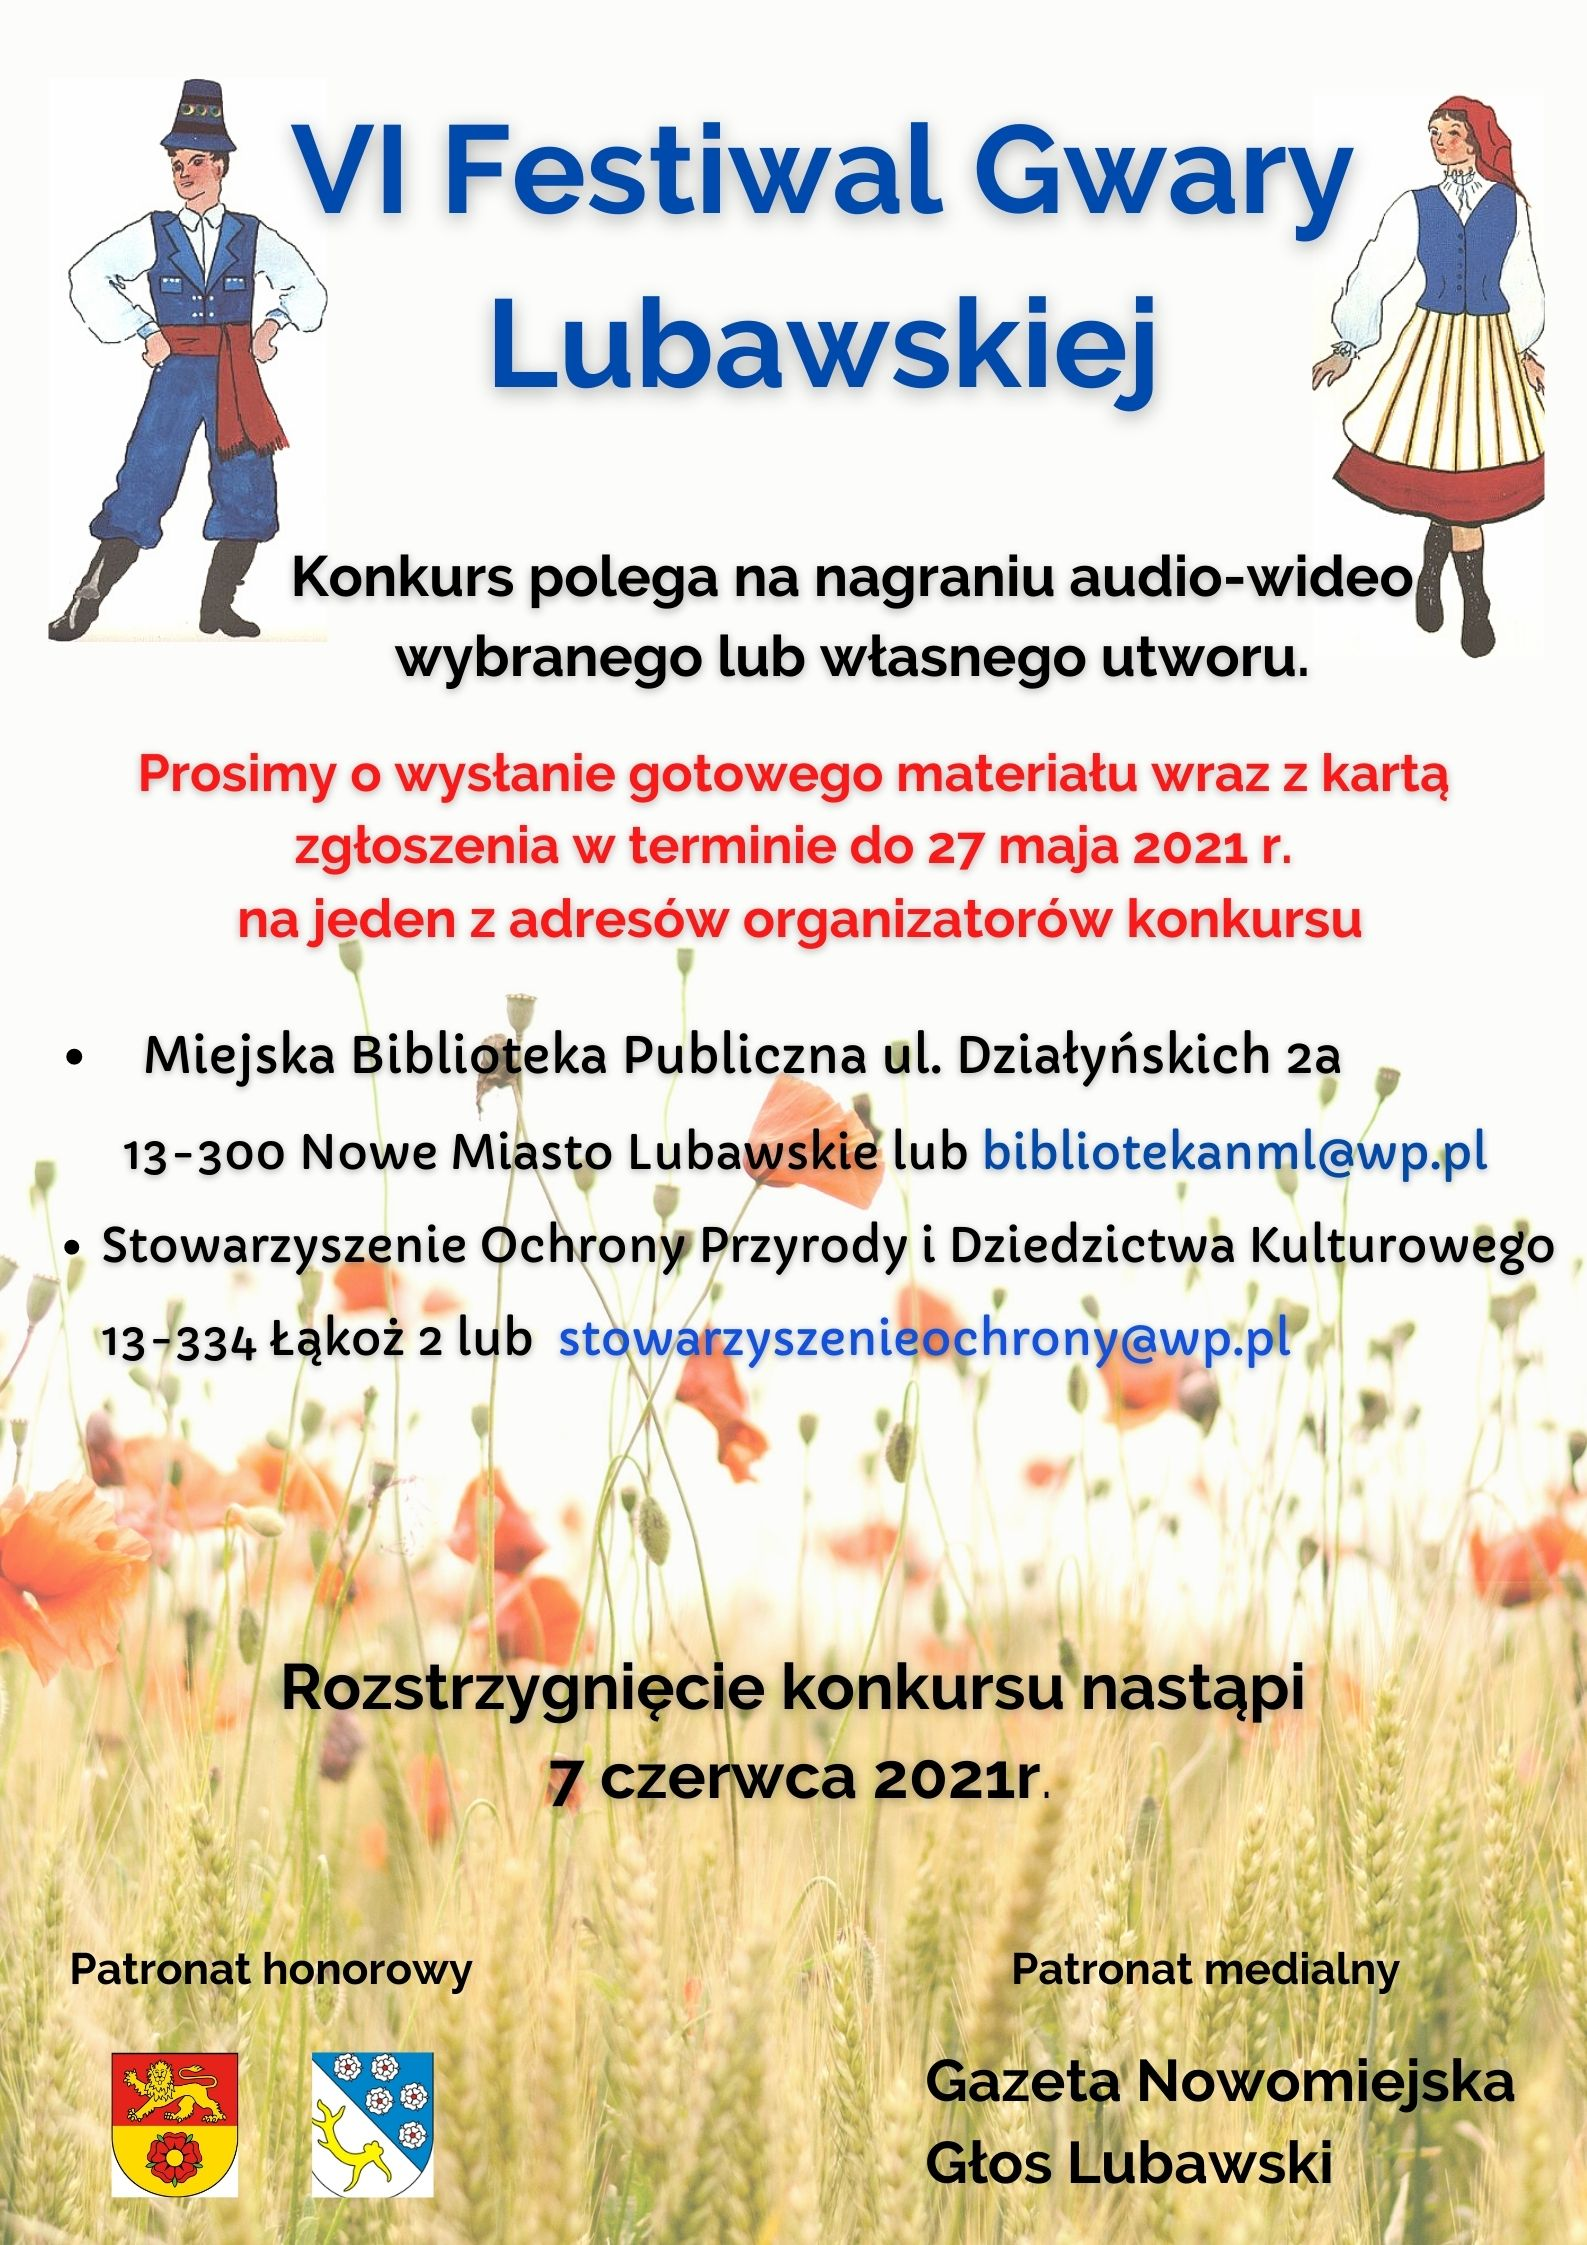 plakat informujący o Festiwalu Gwary Lubawskiej